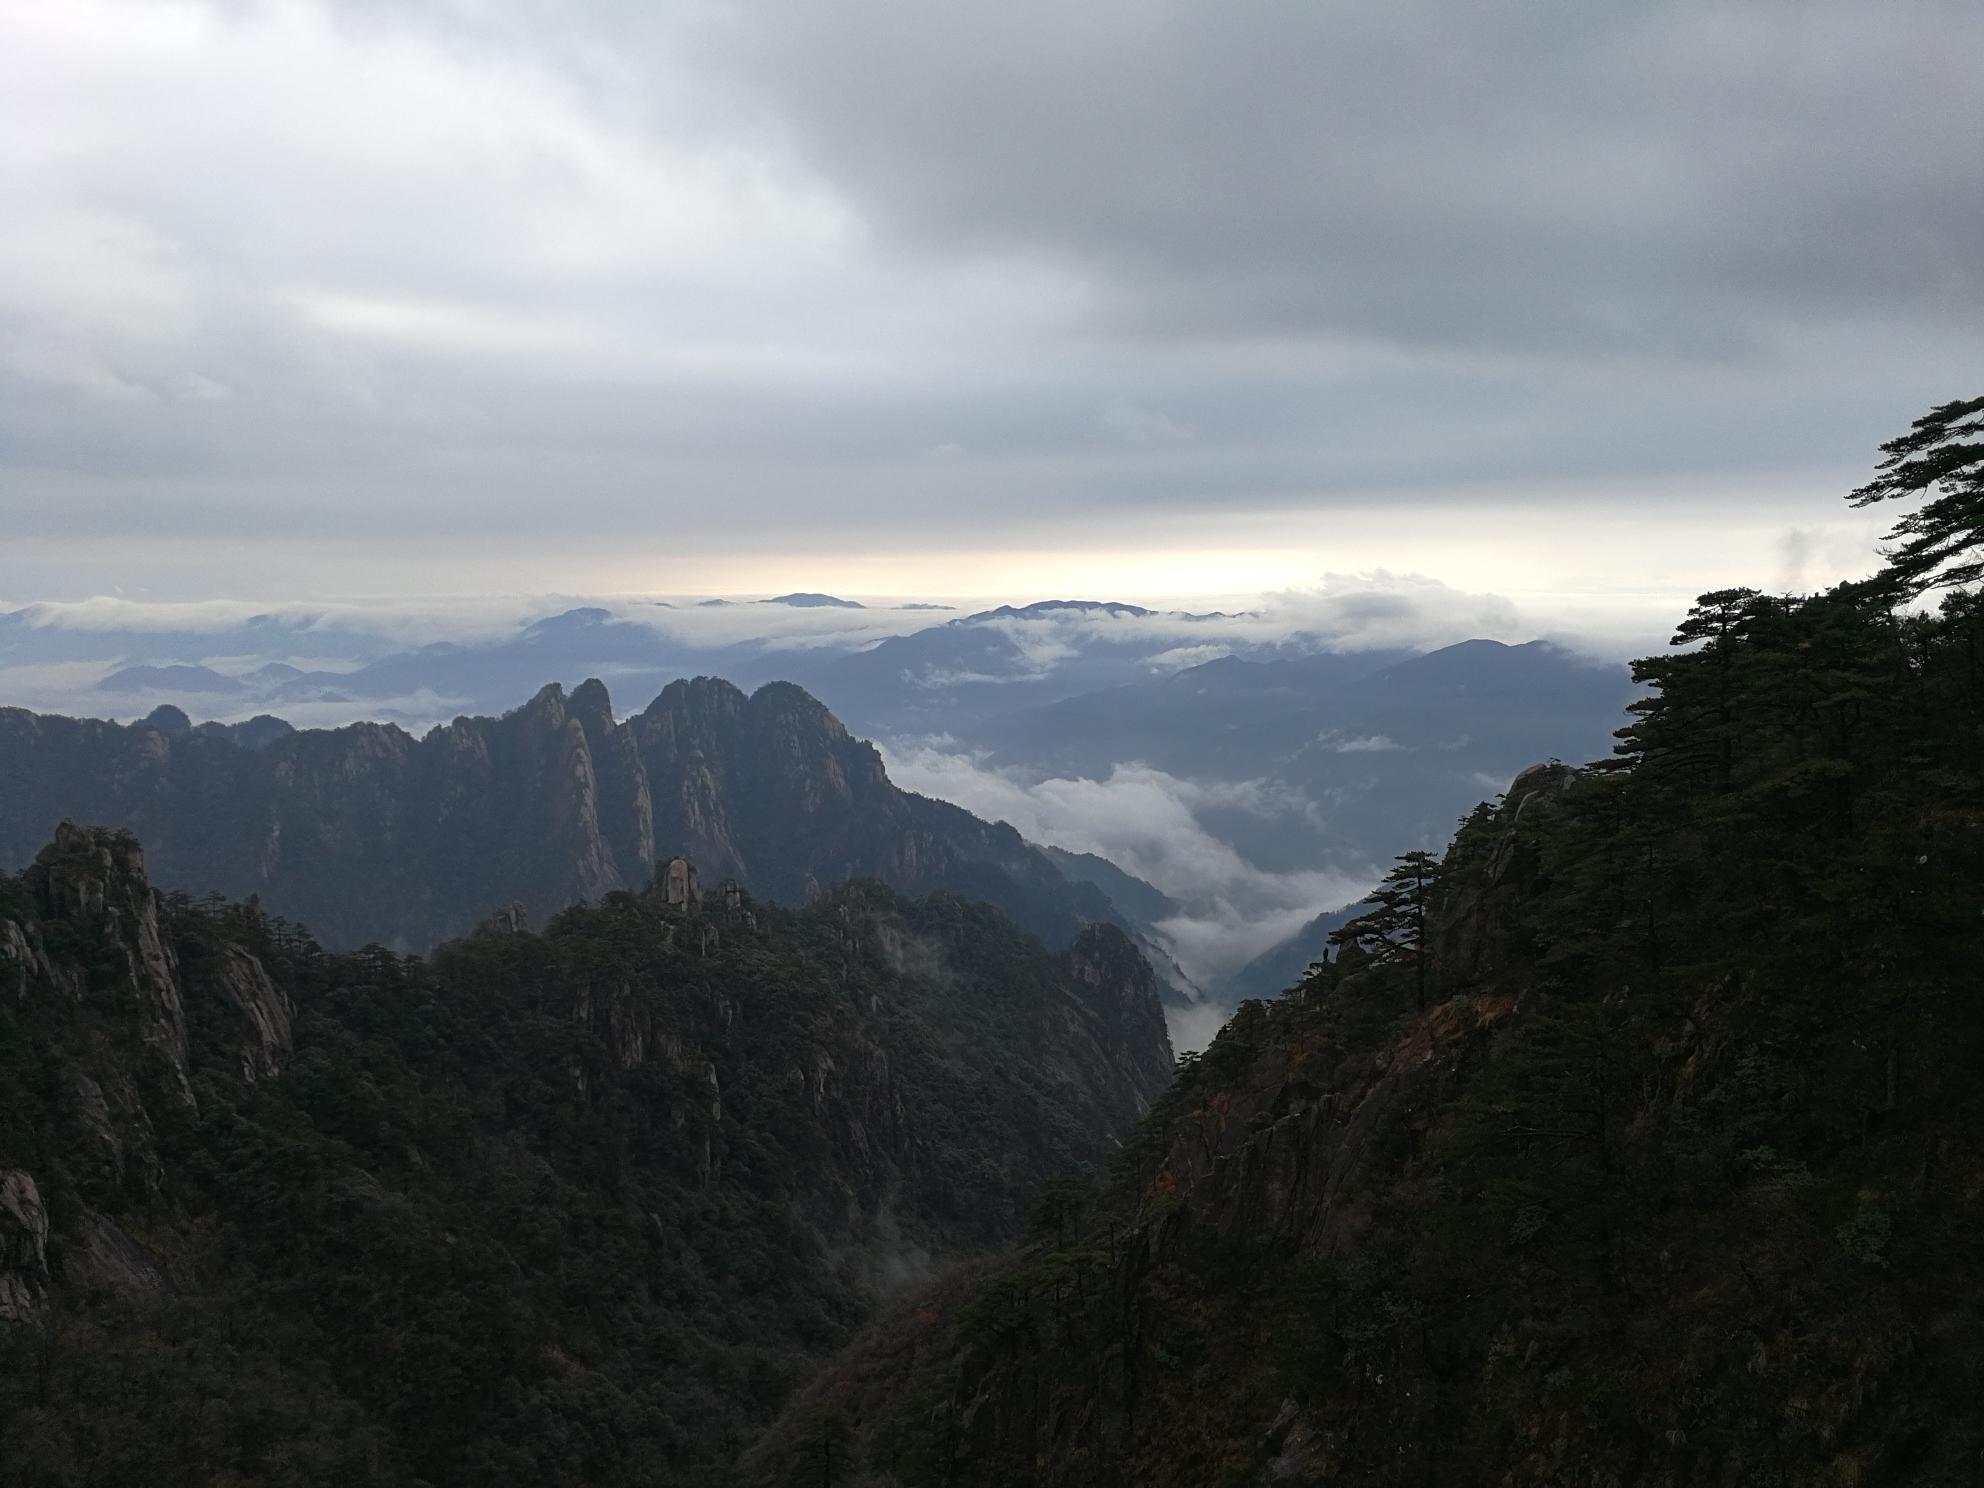 黄山印象,黄山风景区旅游攻略 - 马蜂窝